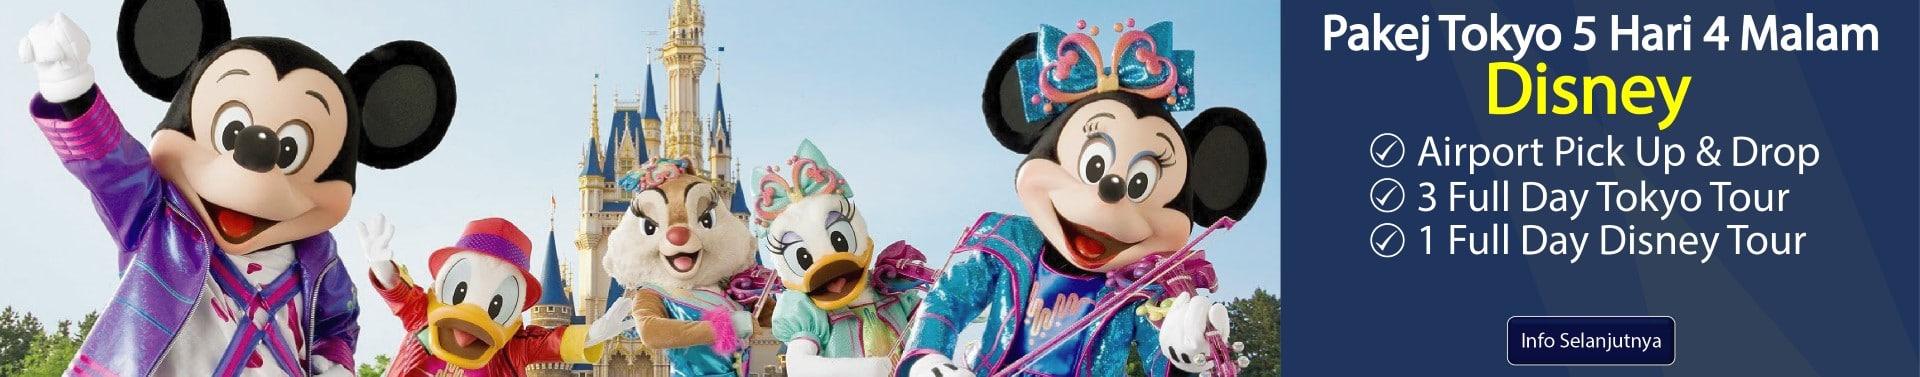 Tokyo 5H4M Disney-01-01 (Large)